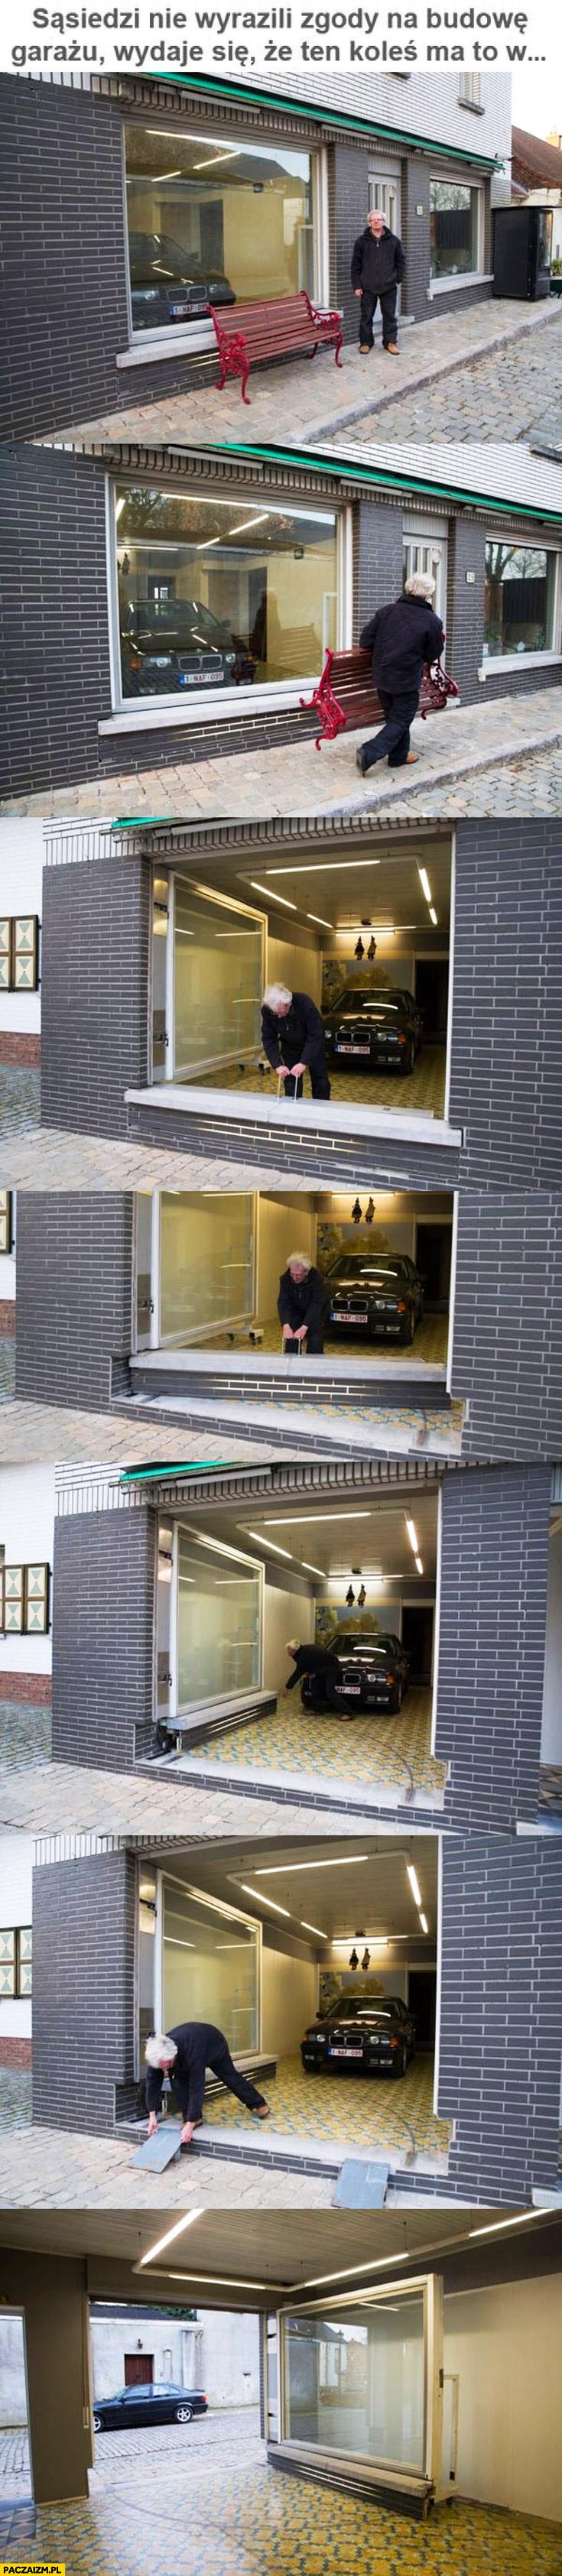 Sąsiedzi nie wyrazili zgody na budowę garażu koleś ma to gdzieś BMW parkuje w mieszkaniu